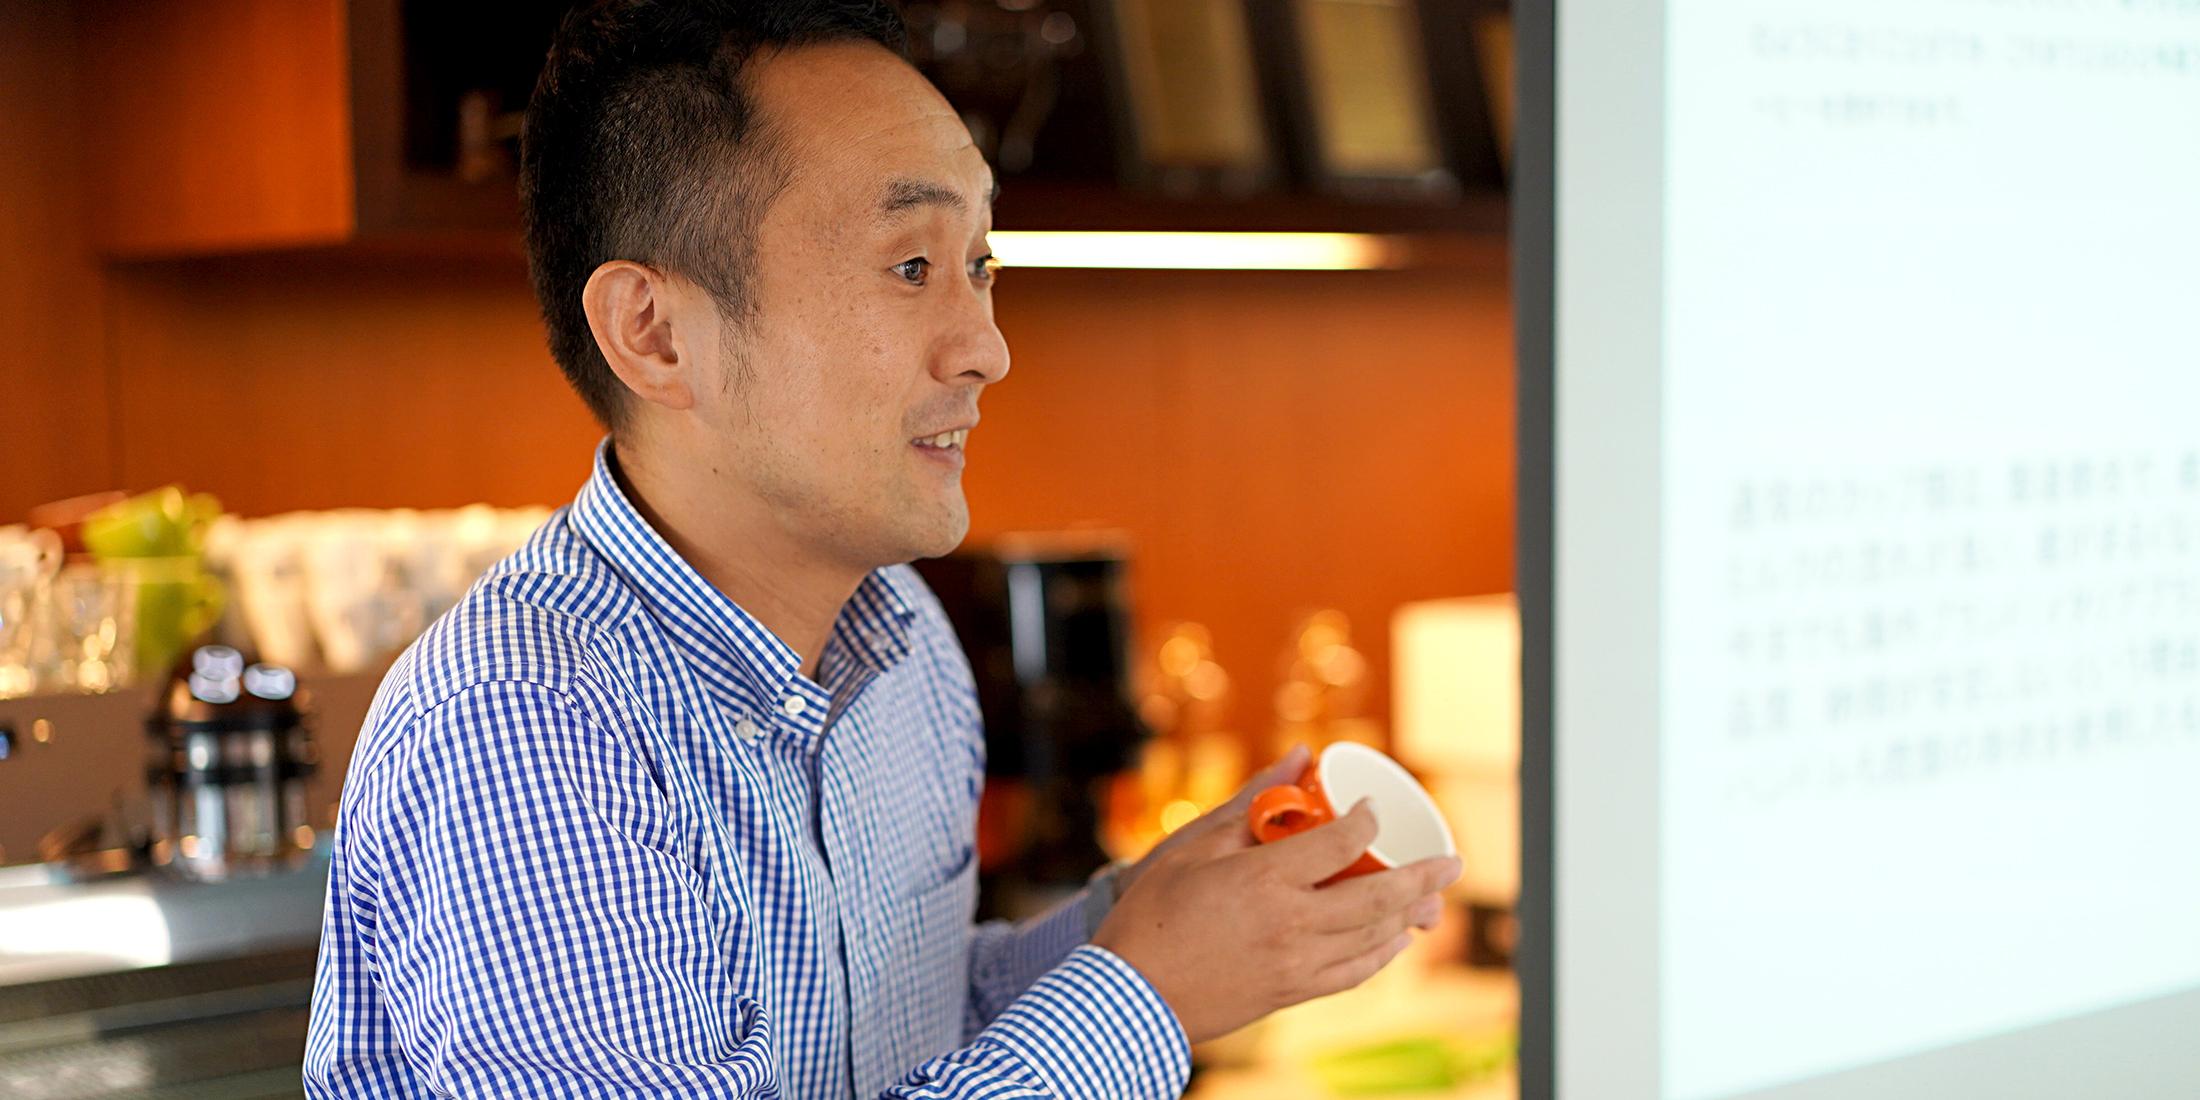 ラッキーコーヒーマシン株式会社様主催 ハンドドリップコラボセミナーに加藤が登壇しました。